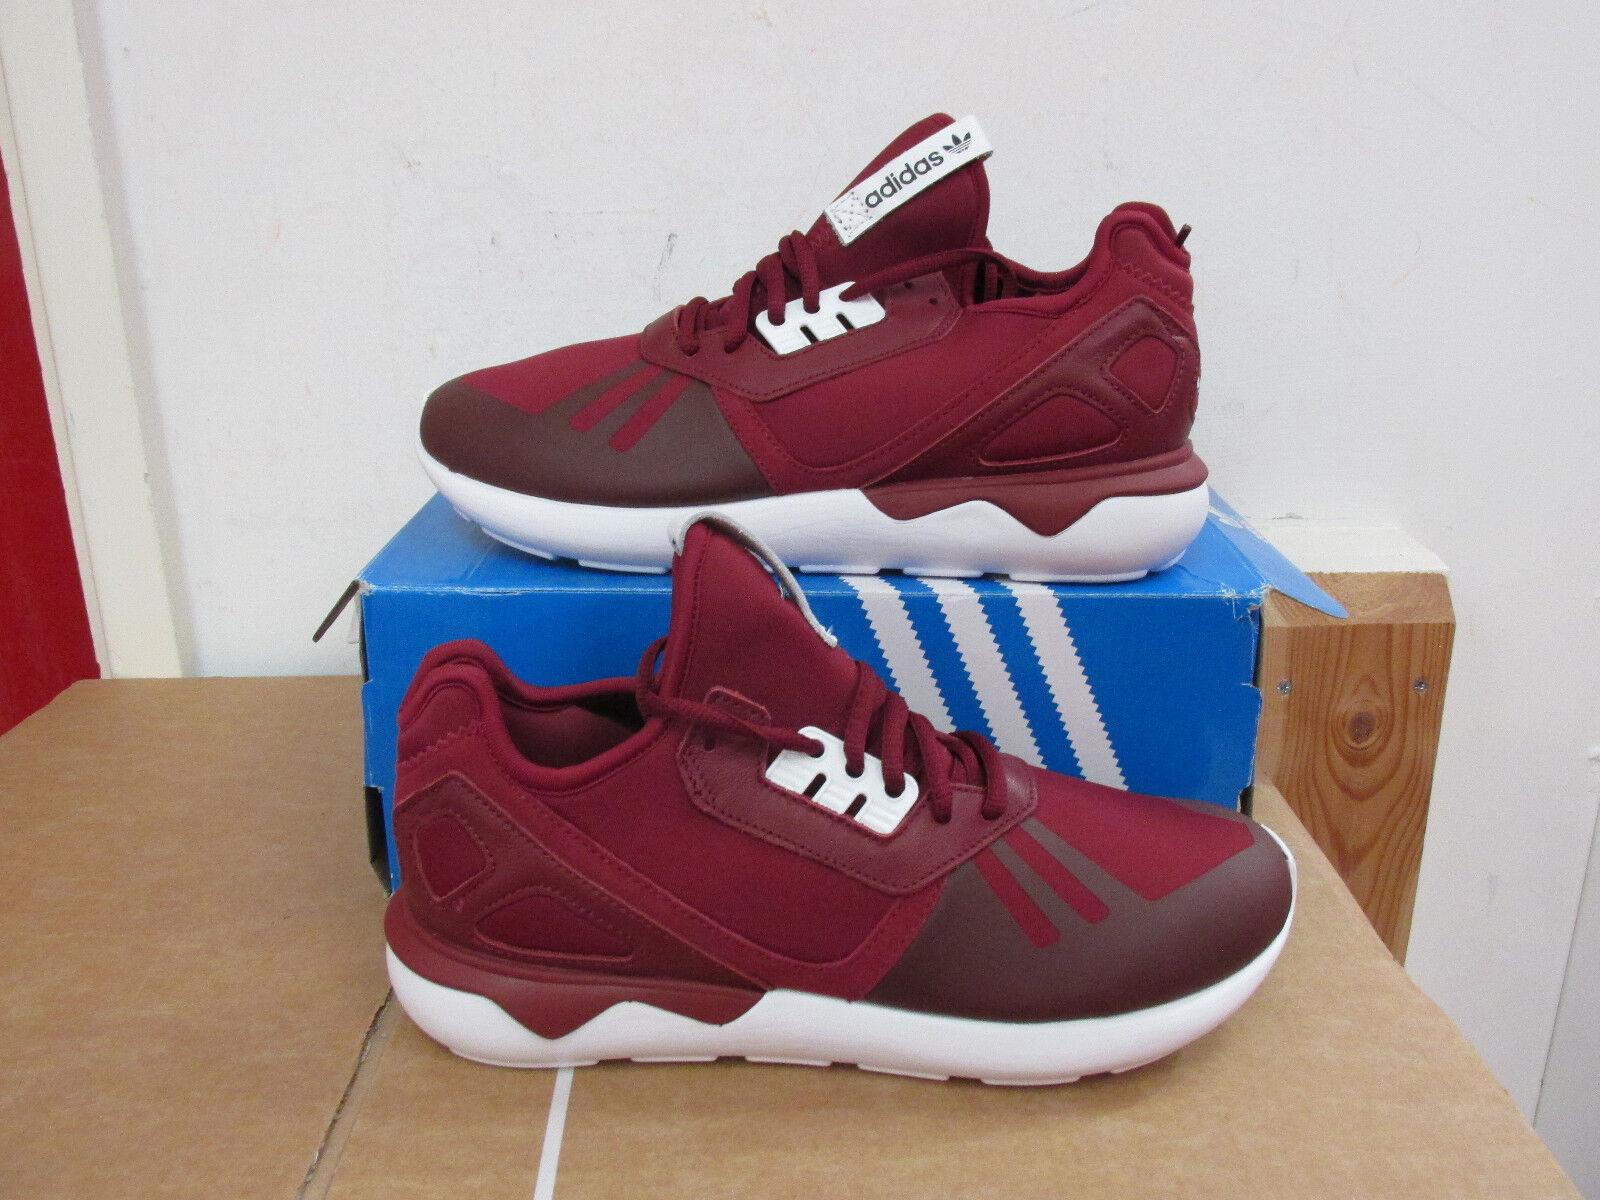 Adidas Originales Tubular Corrojoor B41274 Para hombre Zapatillas zapatillas zapatos aclaramiento